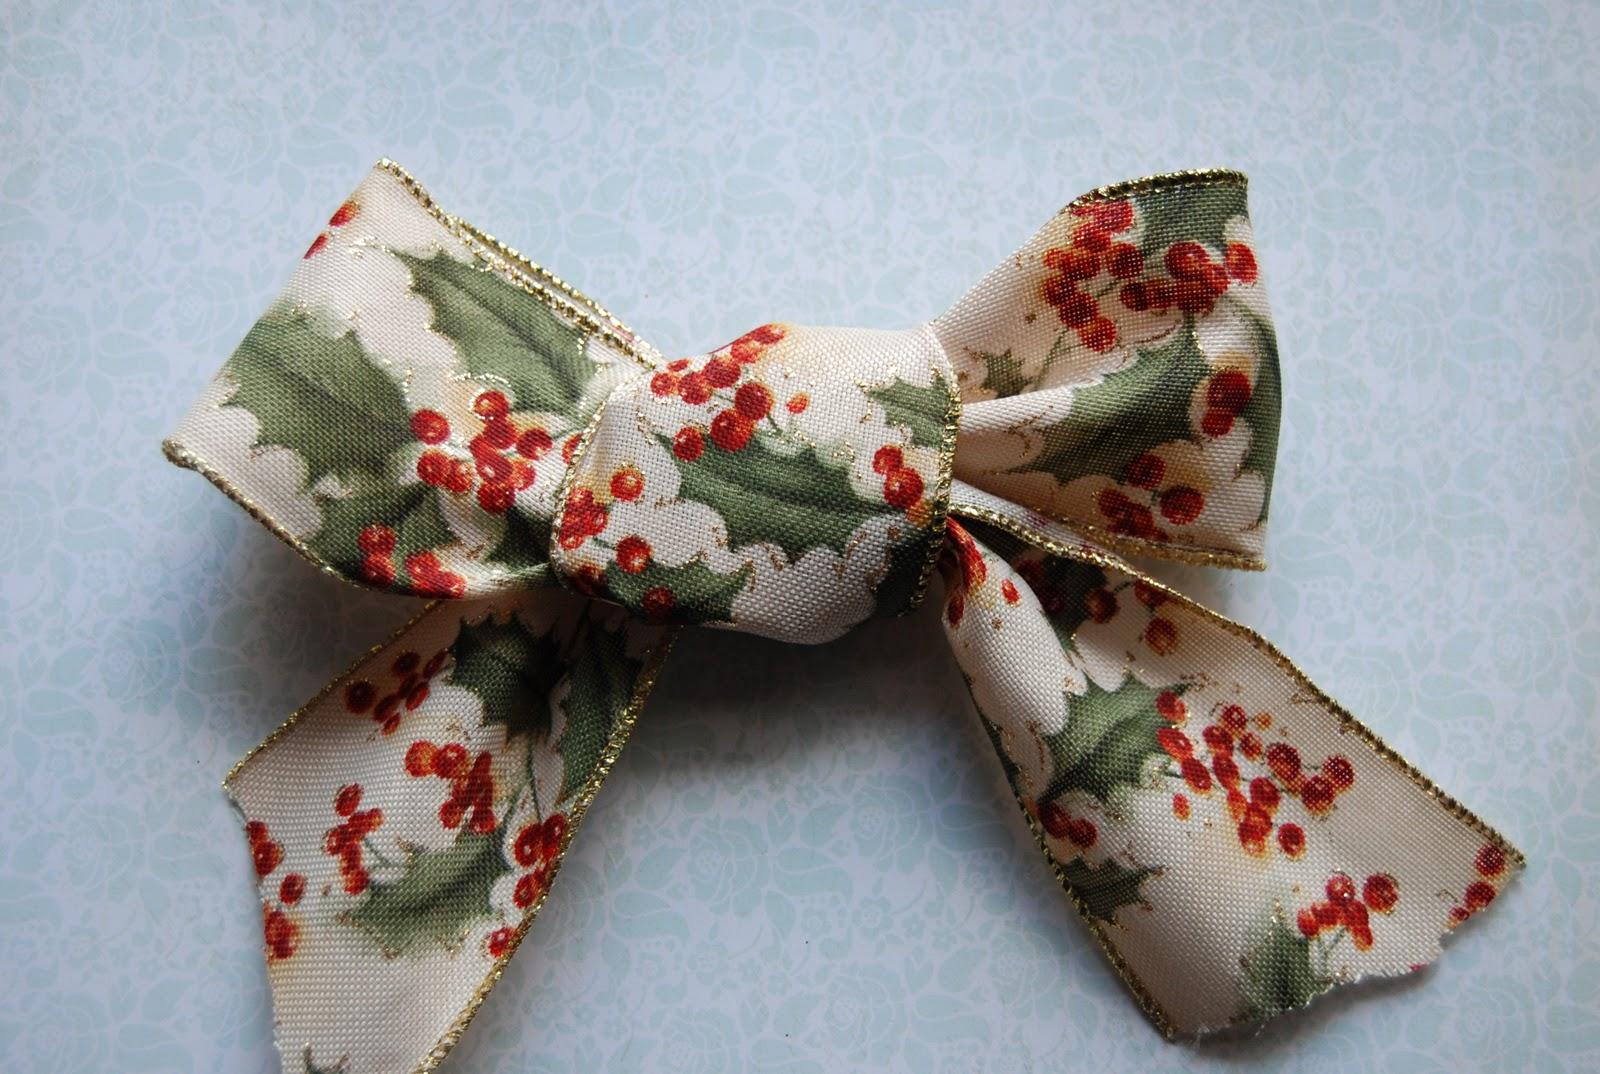 Delipapel lazos anchos para decorar el rbol coronas de - Lazos de navidad para el arbol ...